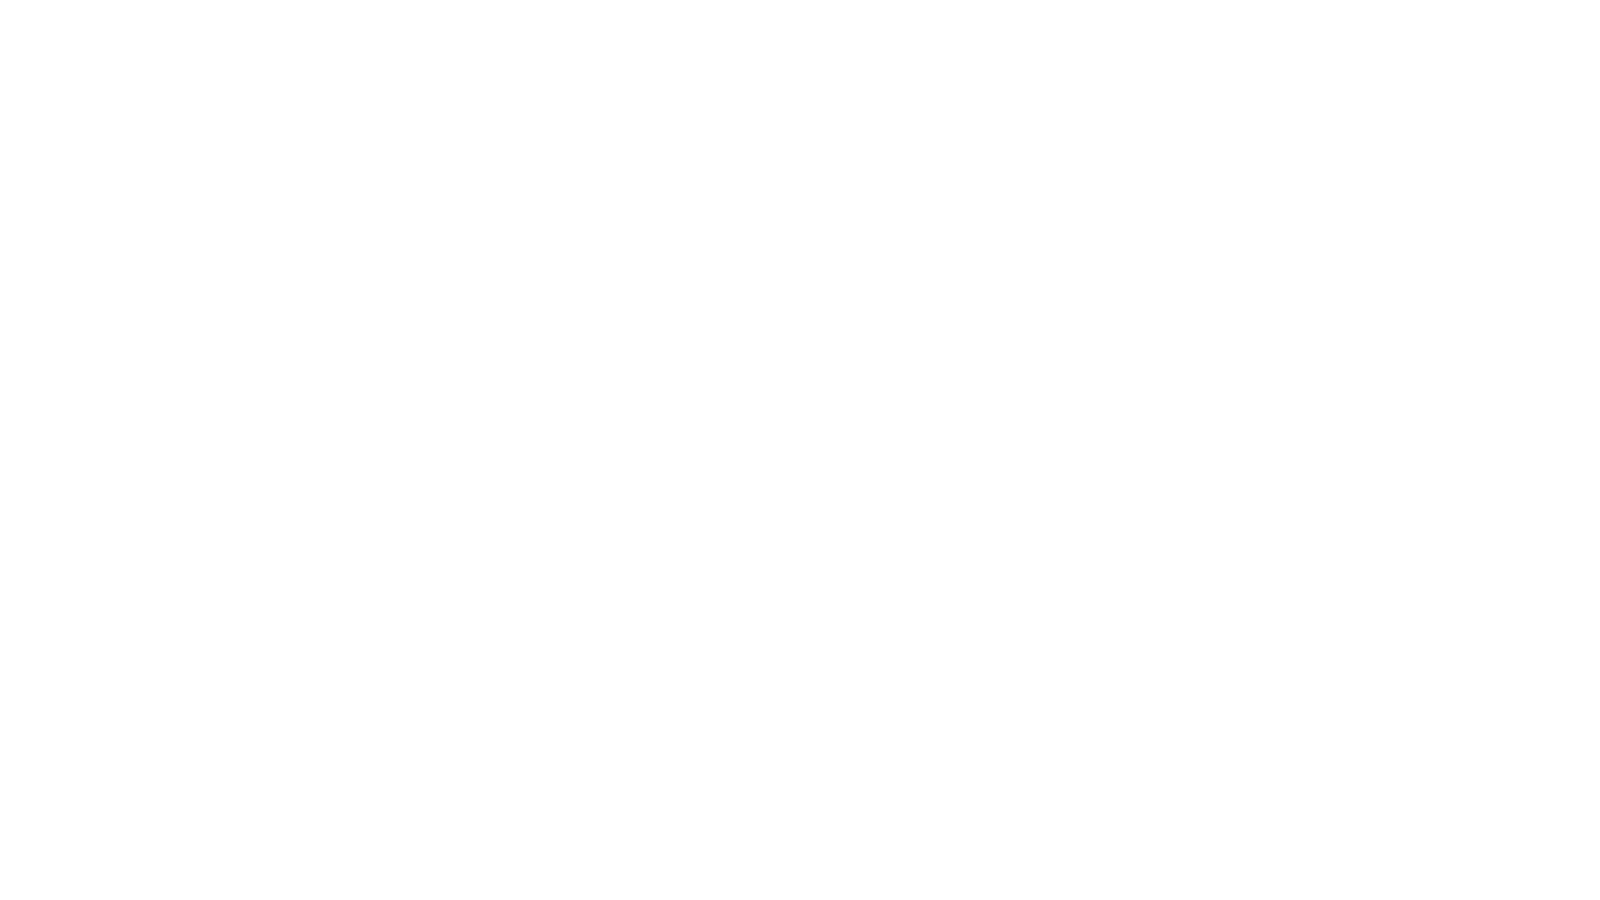 Přinášíme vám další inspiraci na filmový a divadelní šerm tedy stage combat, ve kterém je více pohovořeno o tzv. značkách - tedy markýrování zásahu.  Více o nás, naší práci a výuce šermu a evropských bojových umění: škola šermu Digladior historický šerm v jeho bojové i scénické podobě https://www.digladior.cz/ https://facebook.com/Digladior-188193617922868/ https://www.instagram.com/digladior_cz/